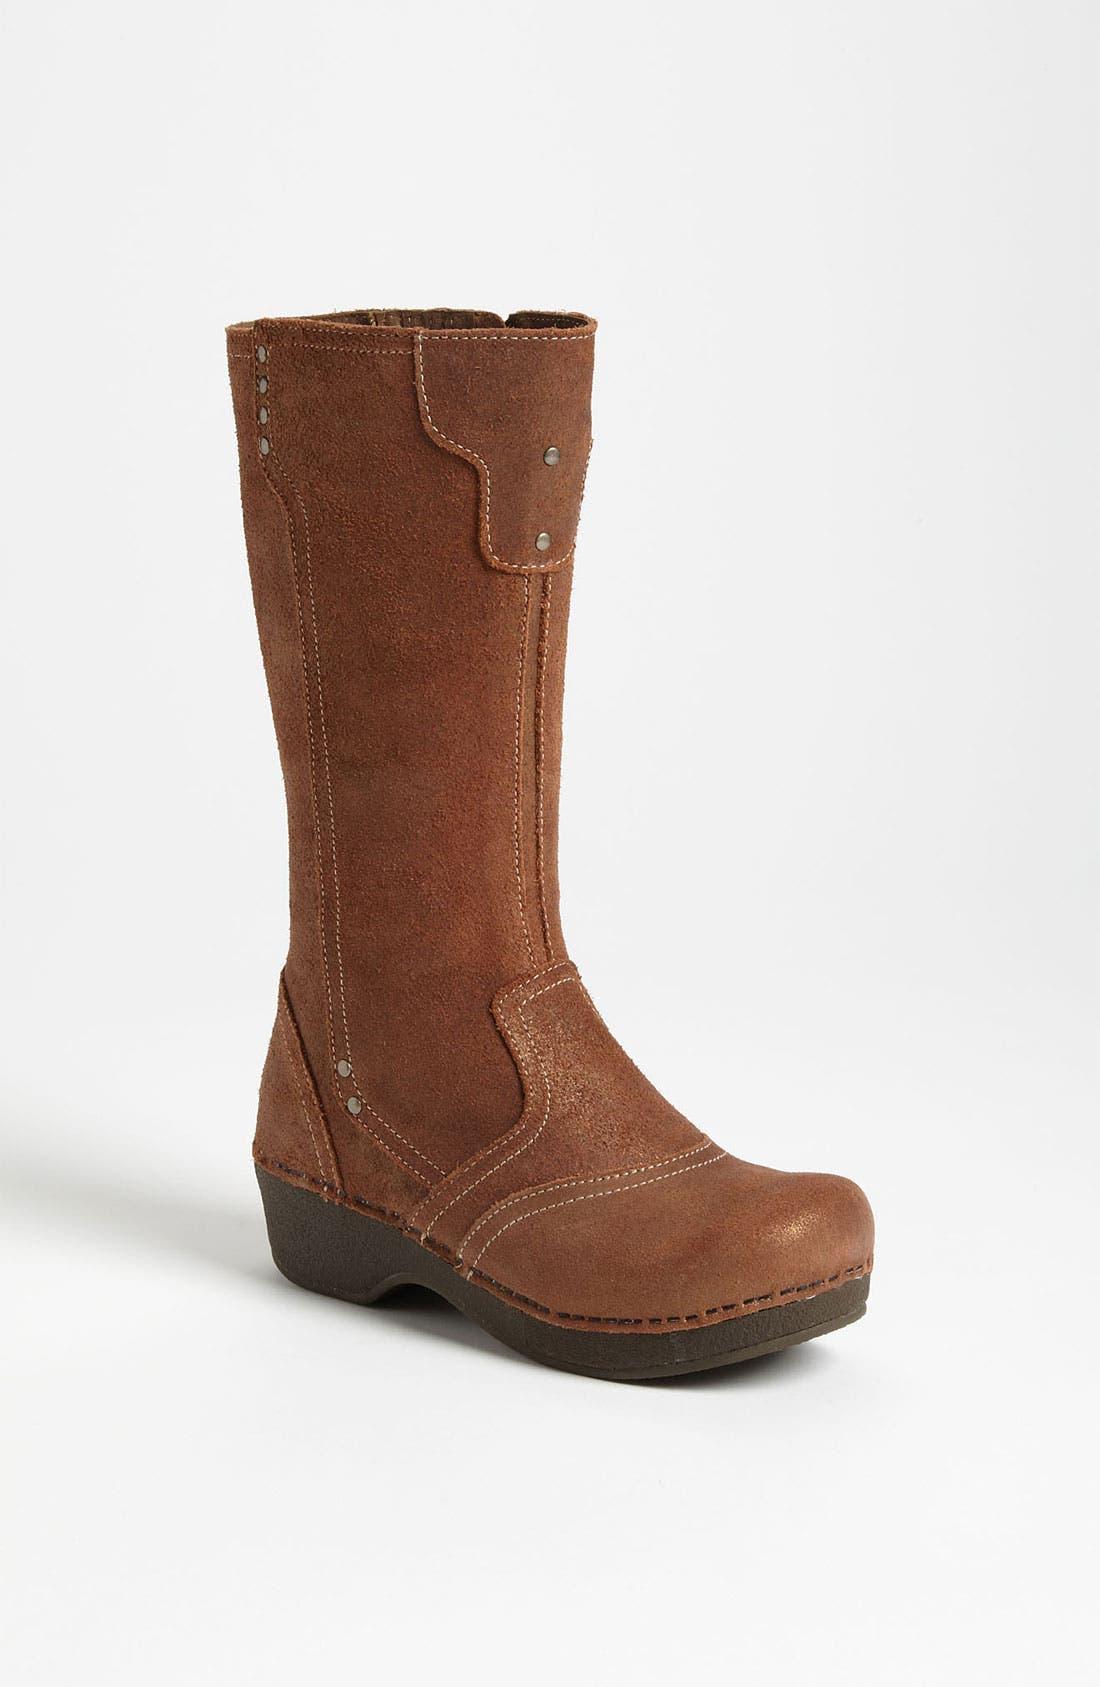 Alternate Image 1 Selected - Dansko 'Crepe' Boot